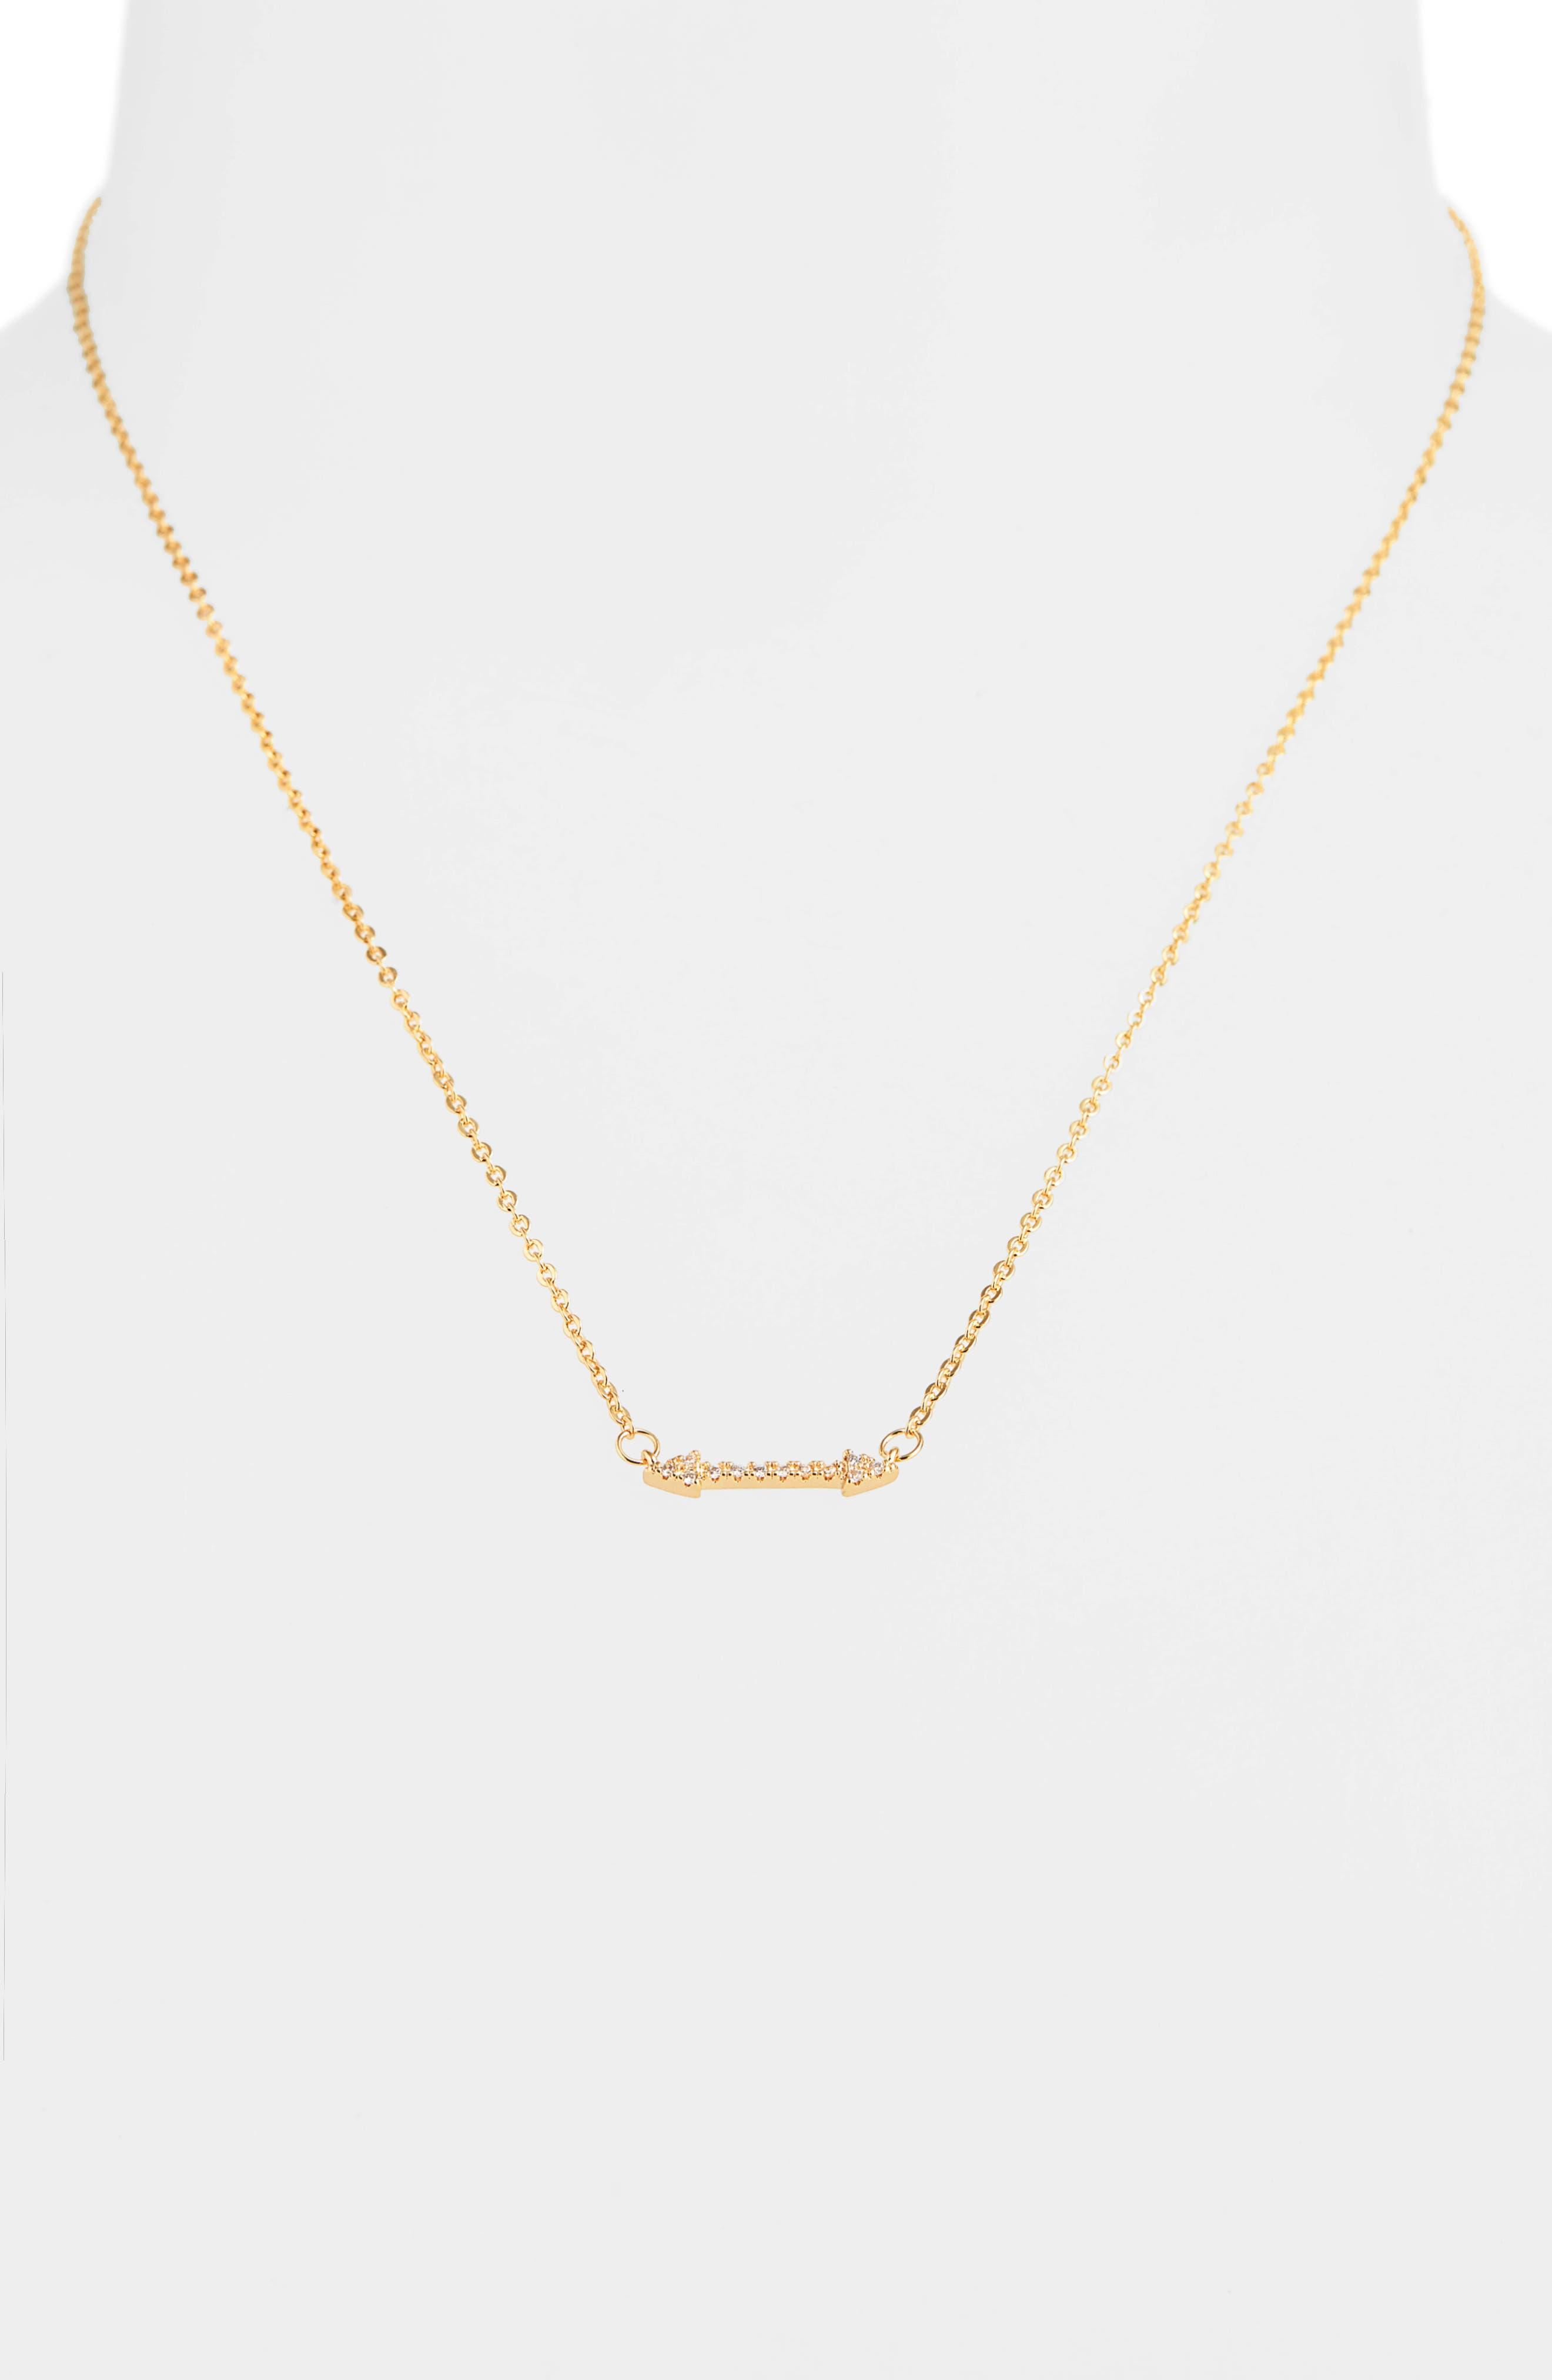 Girls Mia Bella Arrow Necklace